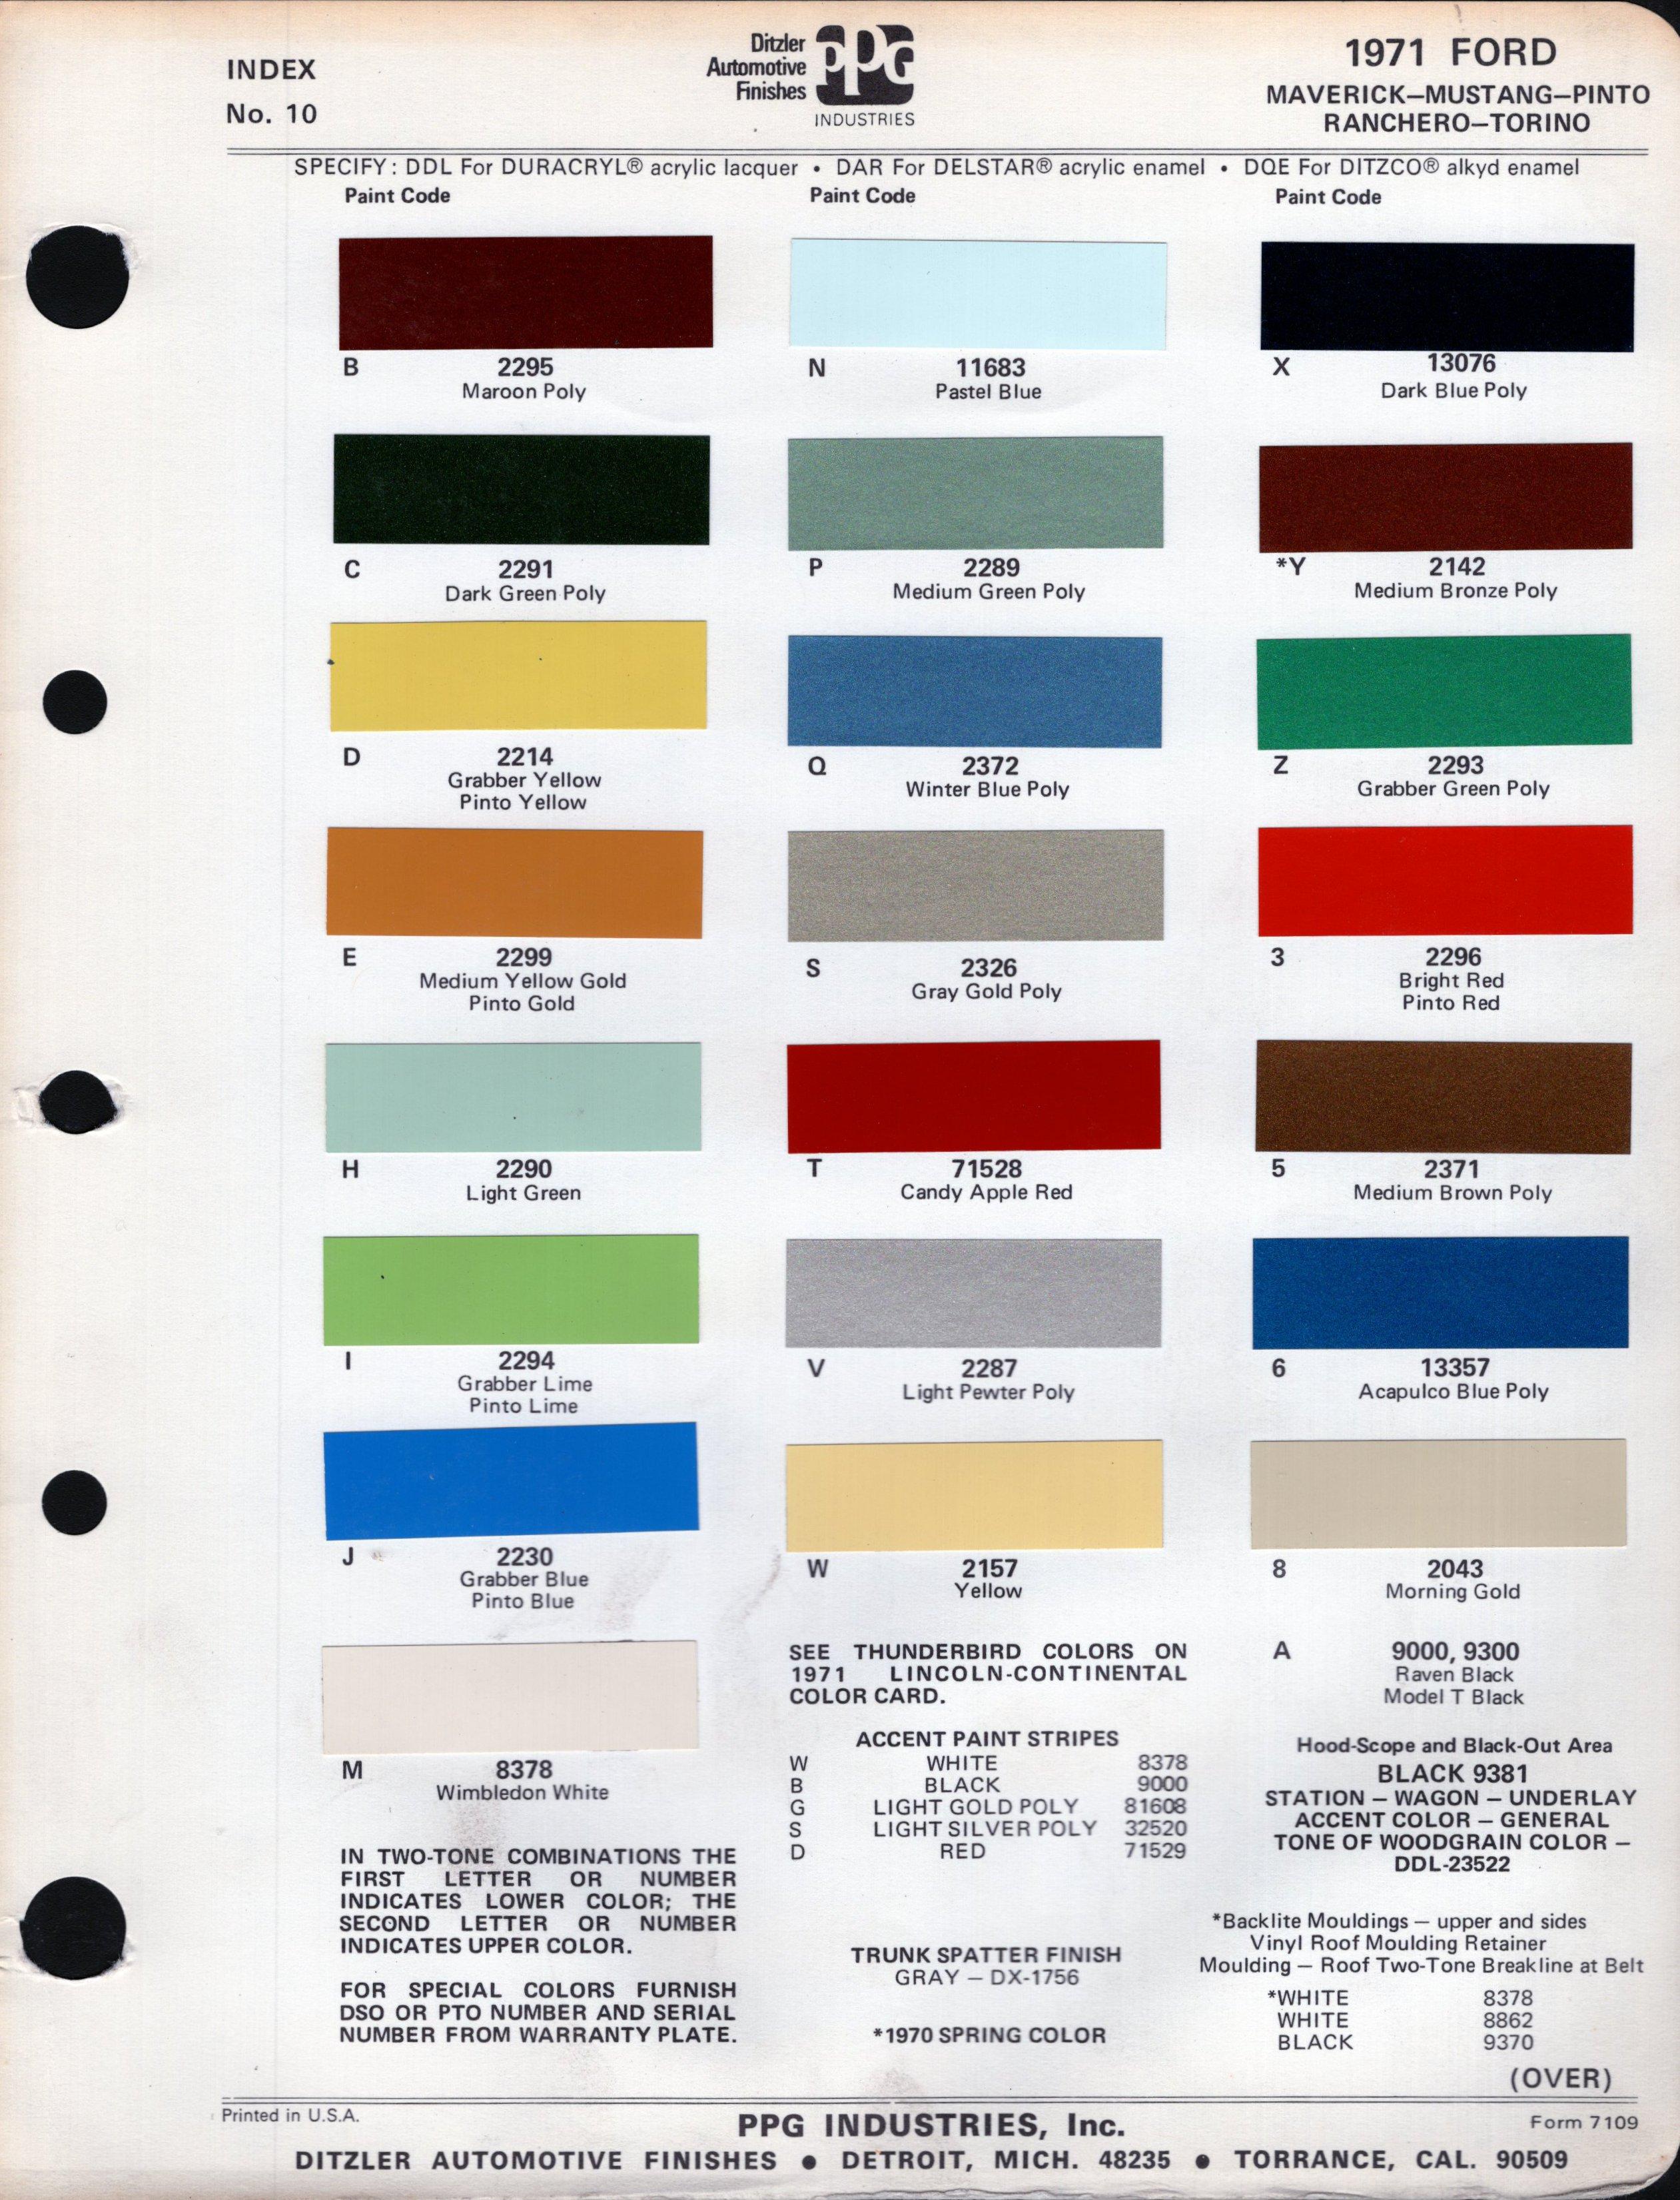 Ford Fleet White Paint Code